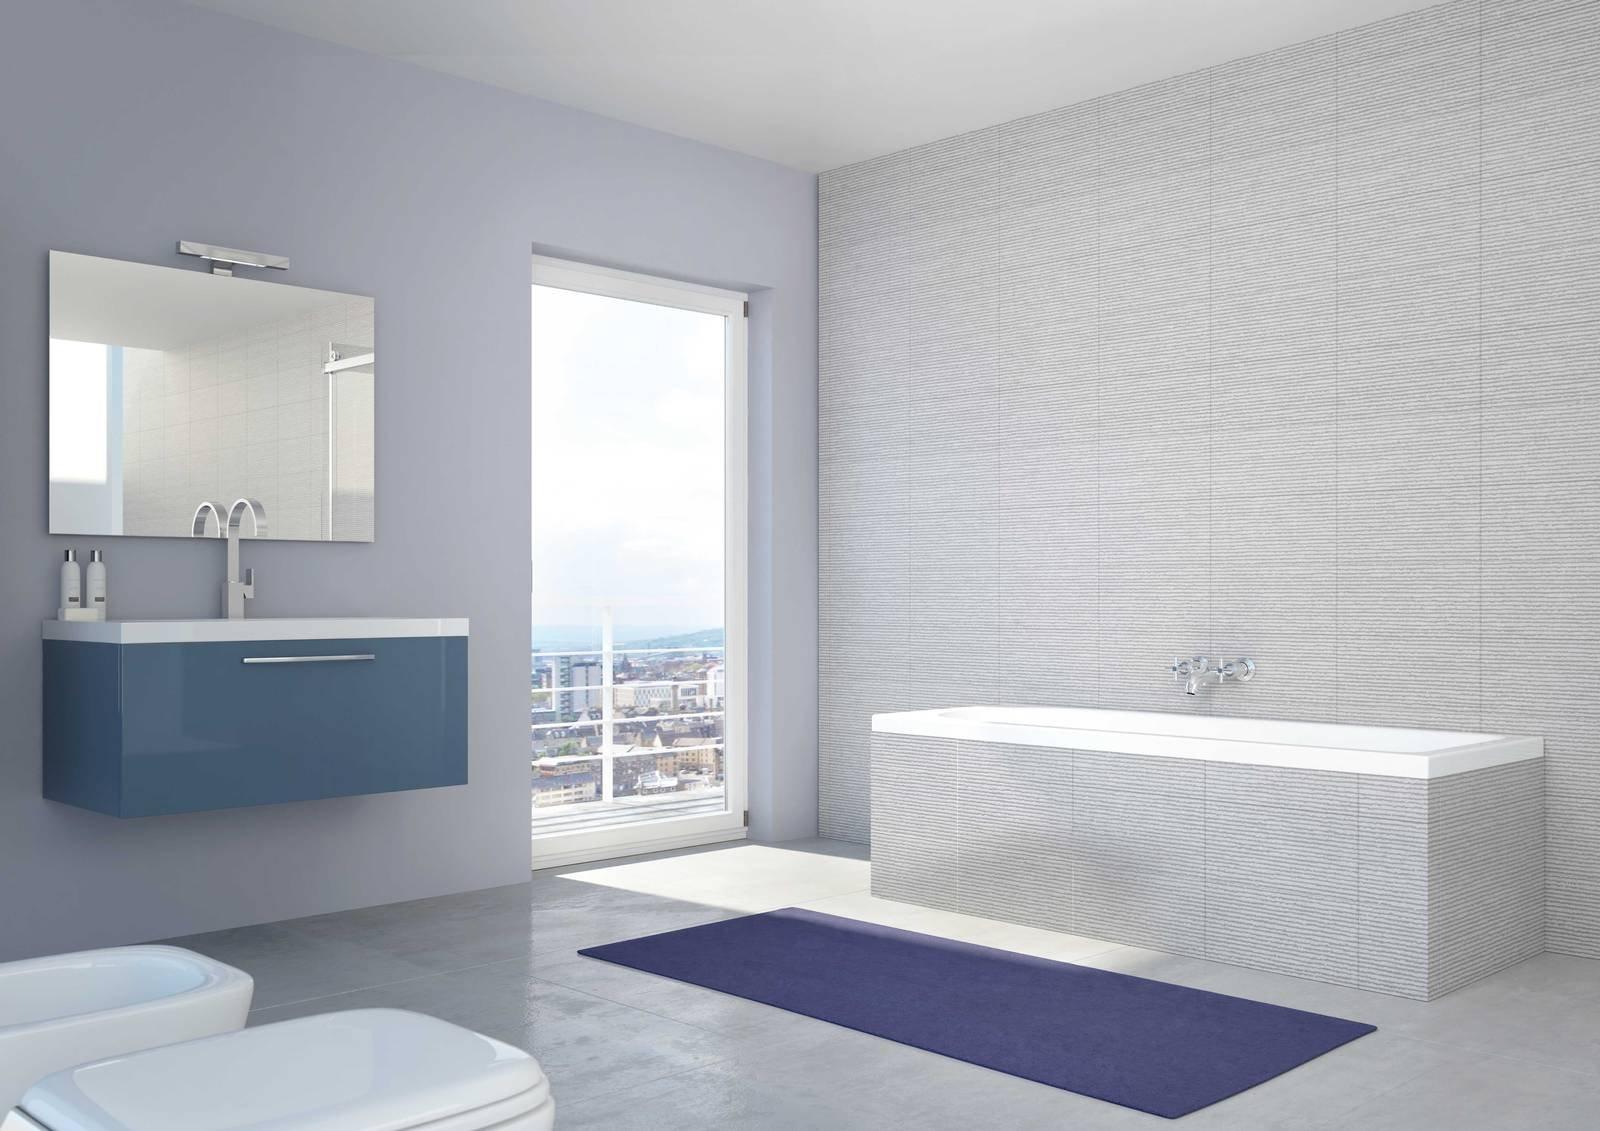 Ristrutturare il bagno in poco tempo cose di casa for Parete vasca pieghevole leroy merlin